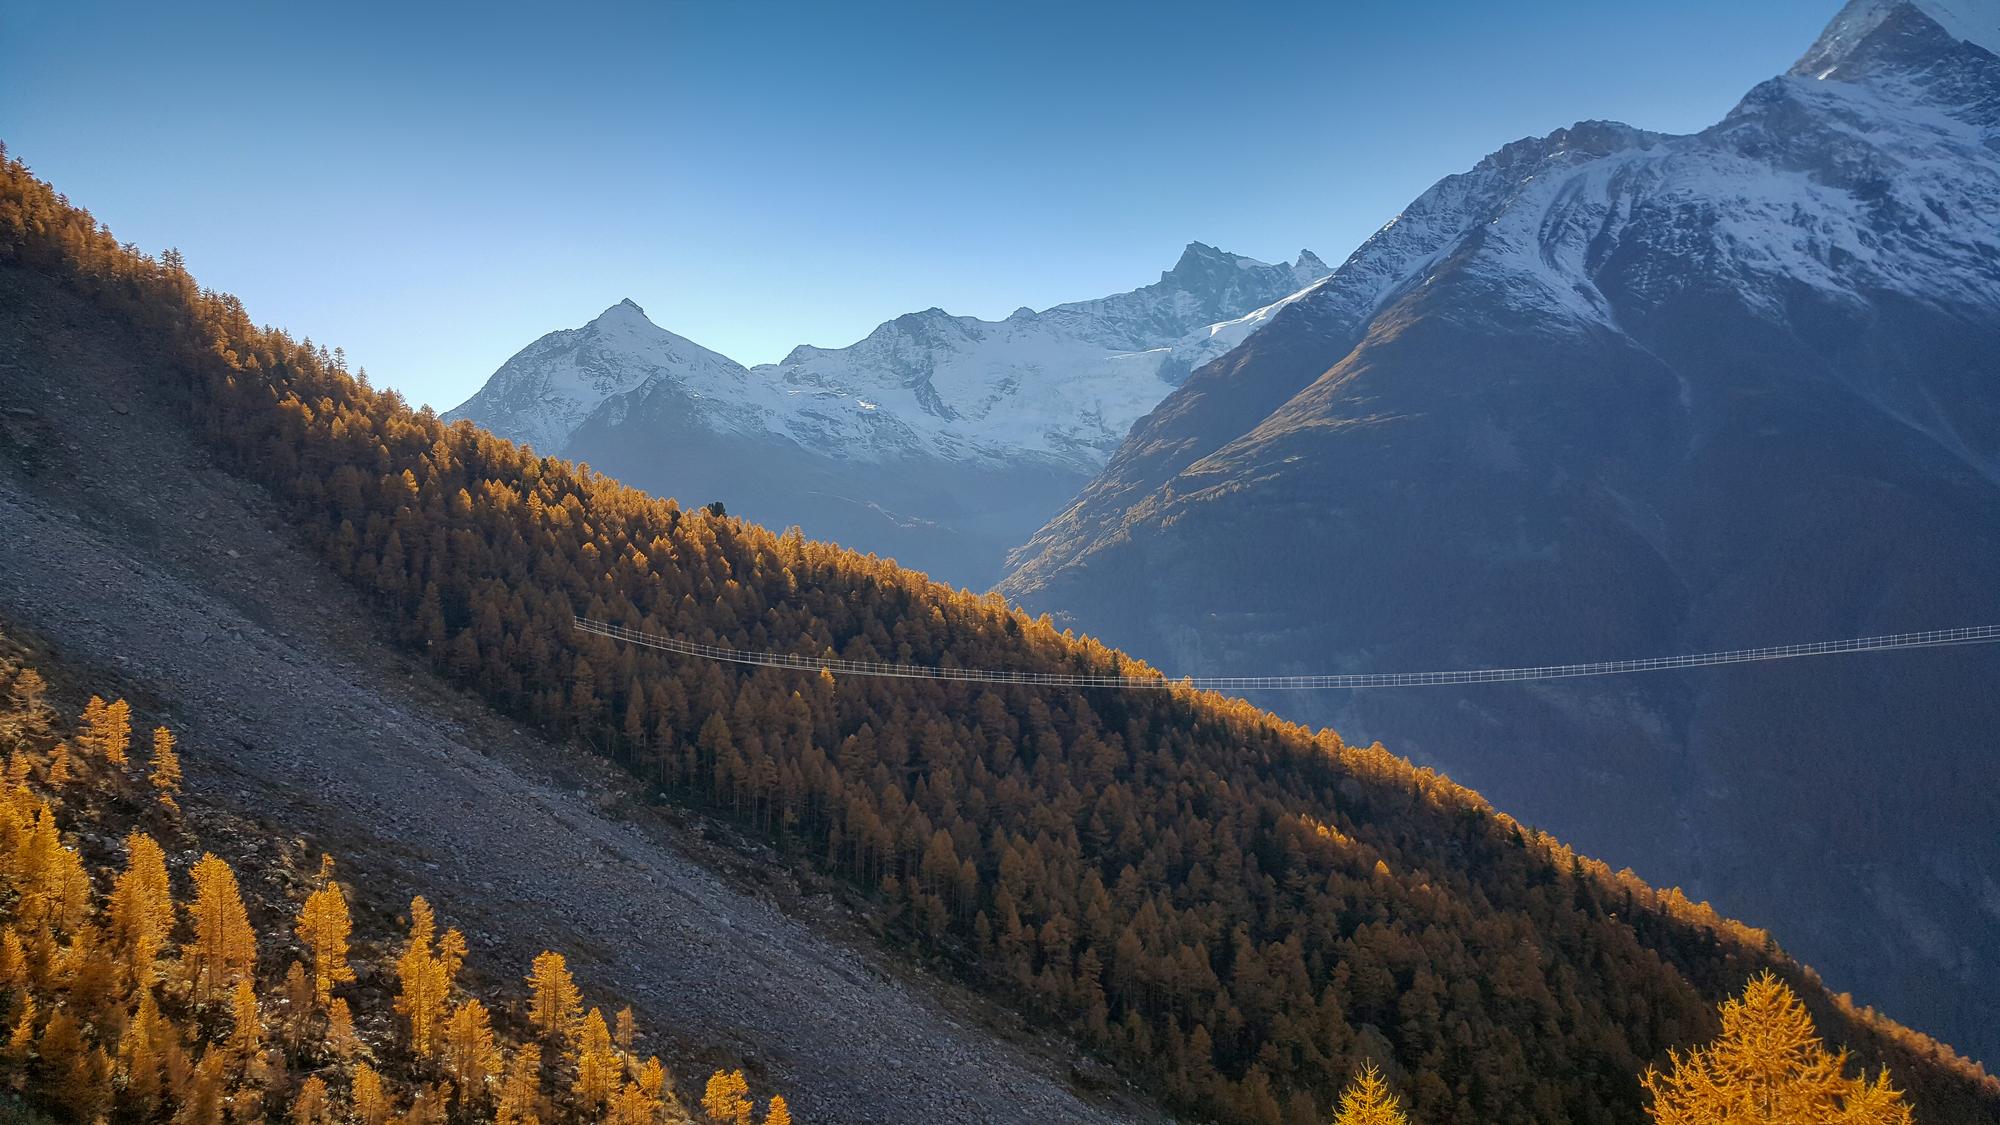 Ponte de pedestres mais longa do mundo é inaugurada nos Alpes suíços